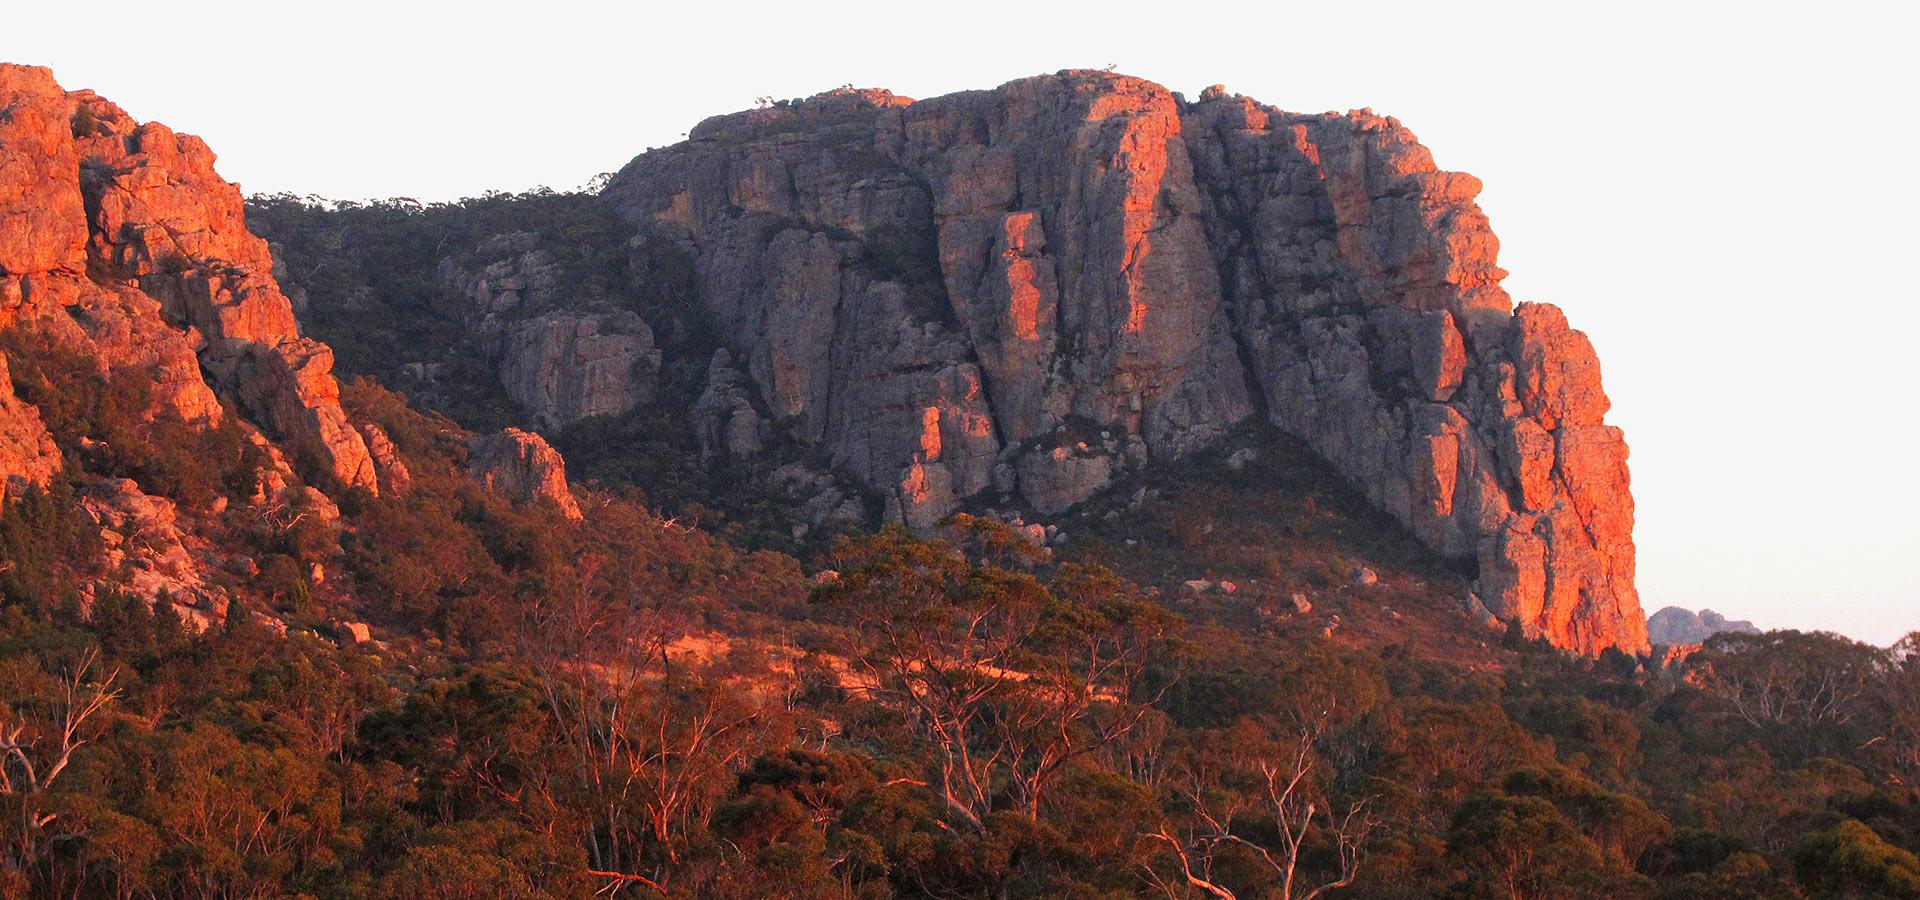 Contact The Climbing Company photo